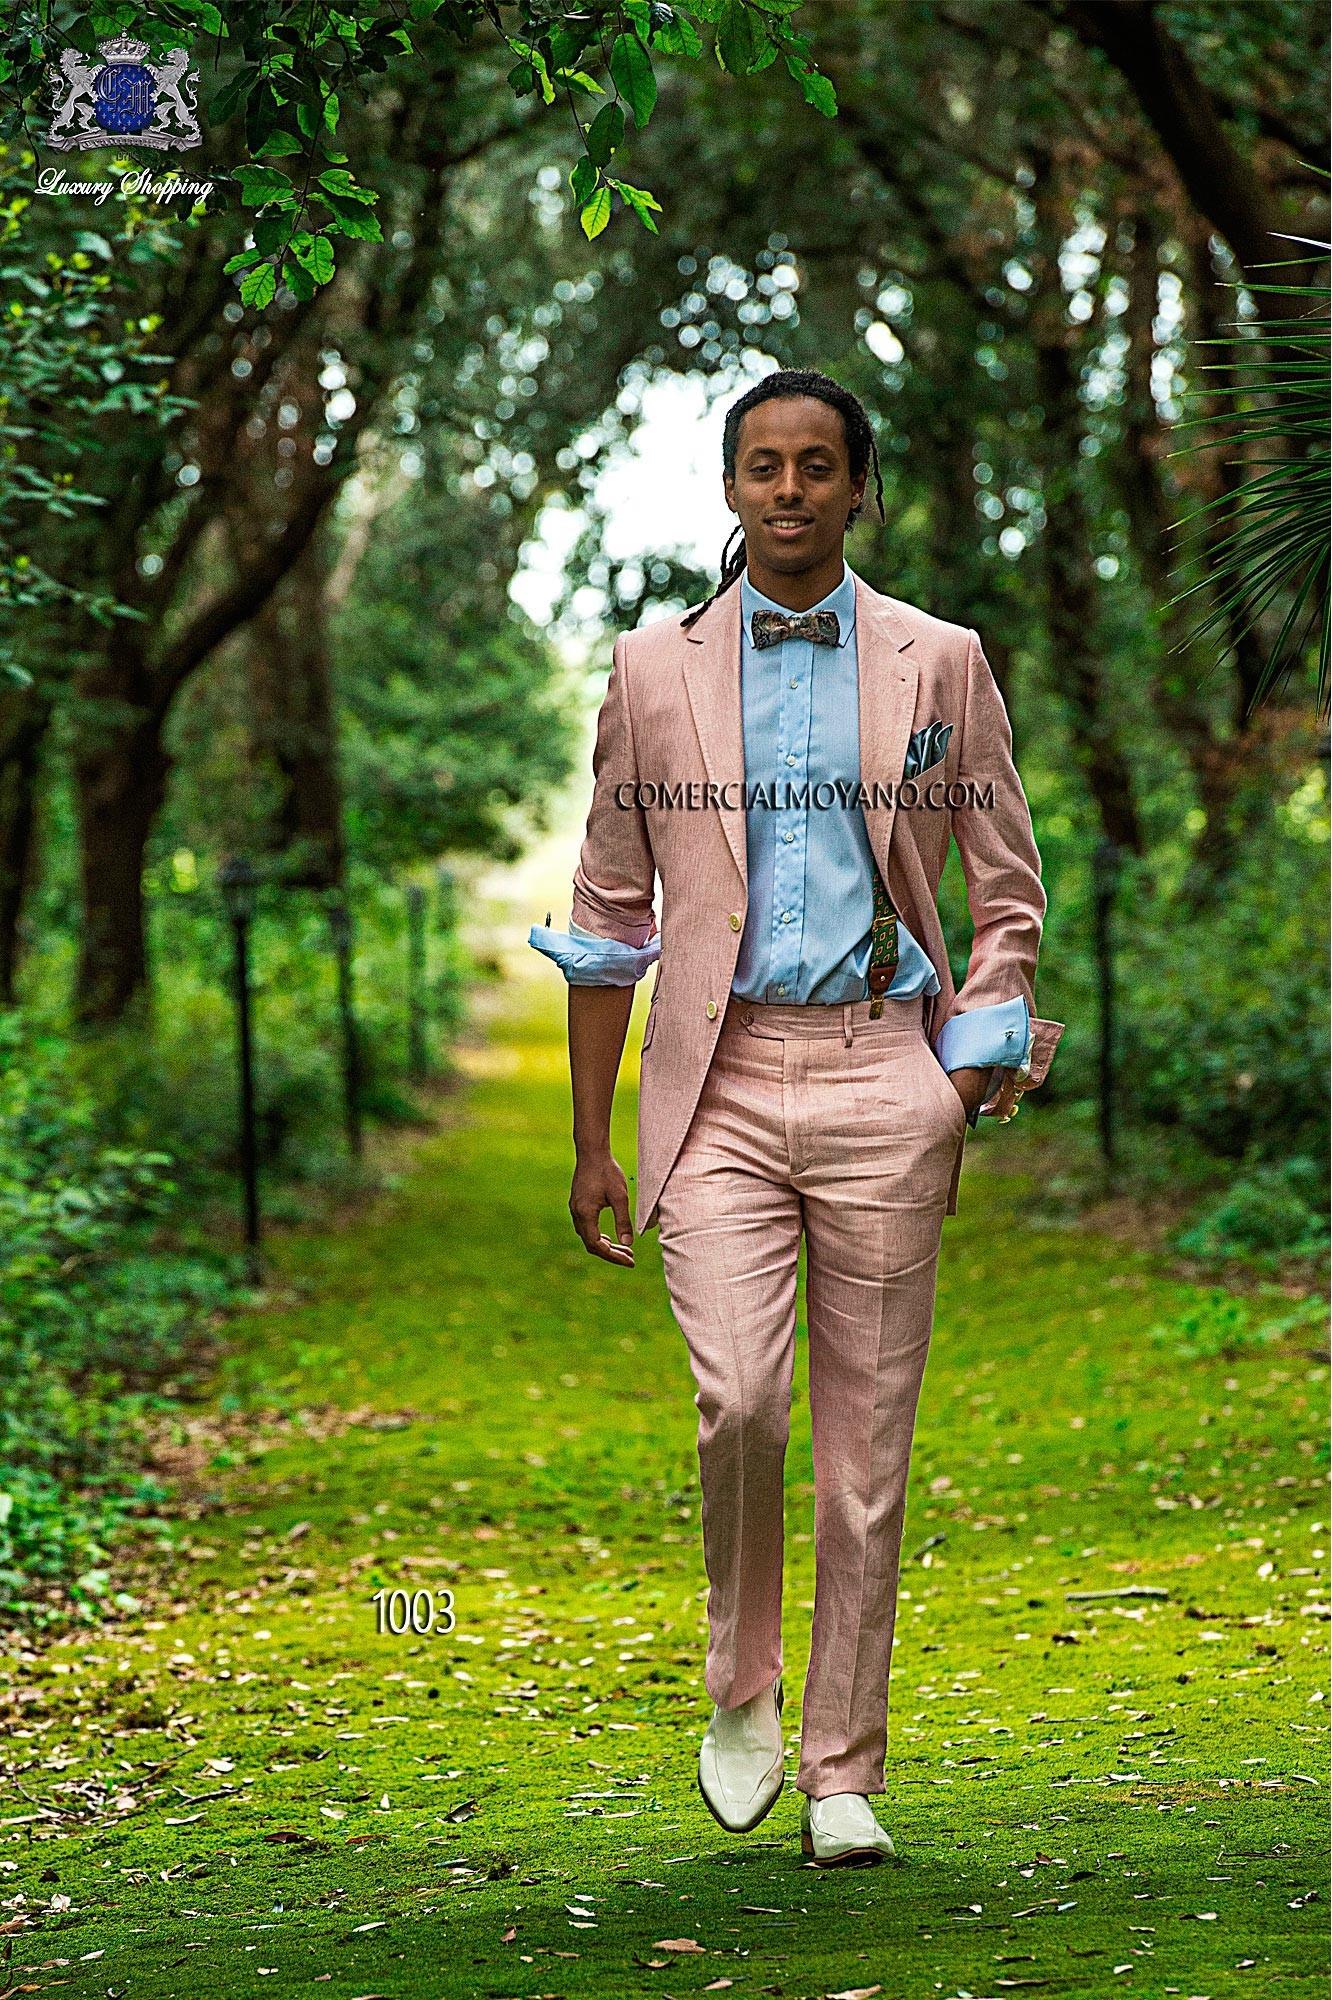 Traje de novio Hipster rosa modelo: 1003 Ottavio Nuccio Gala colección Hipster 2017